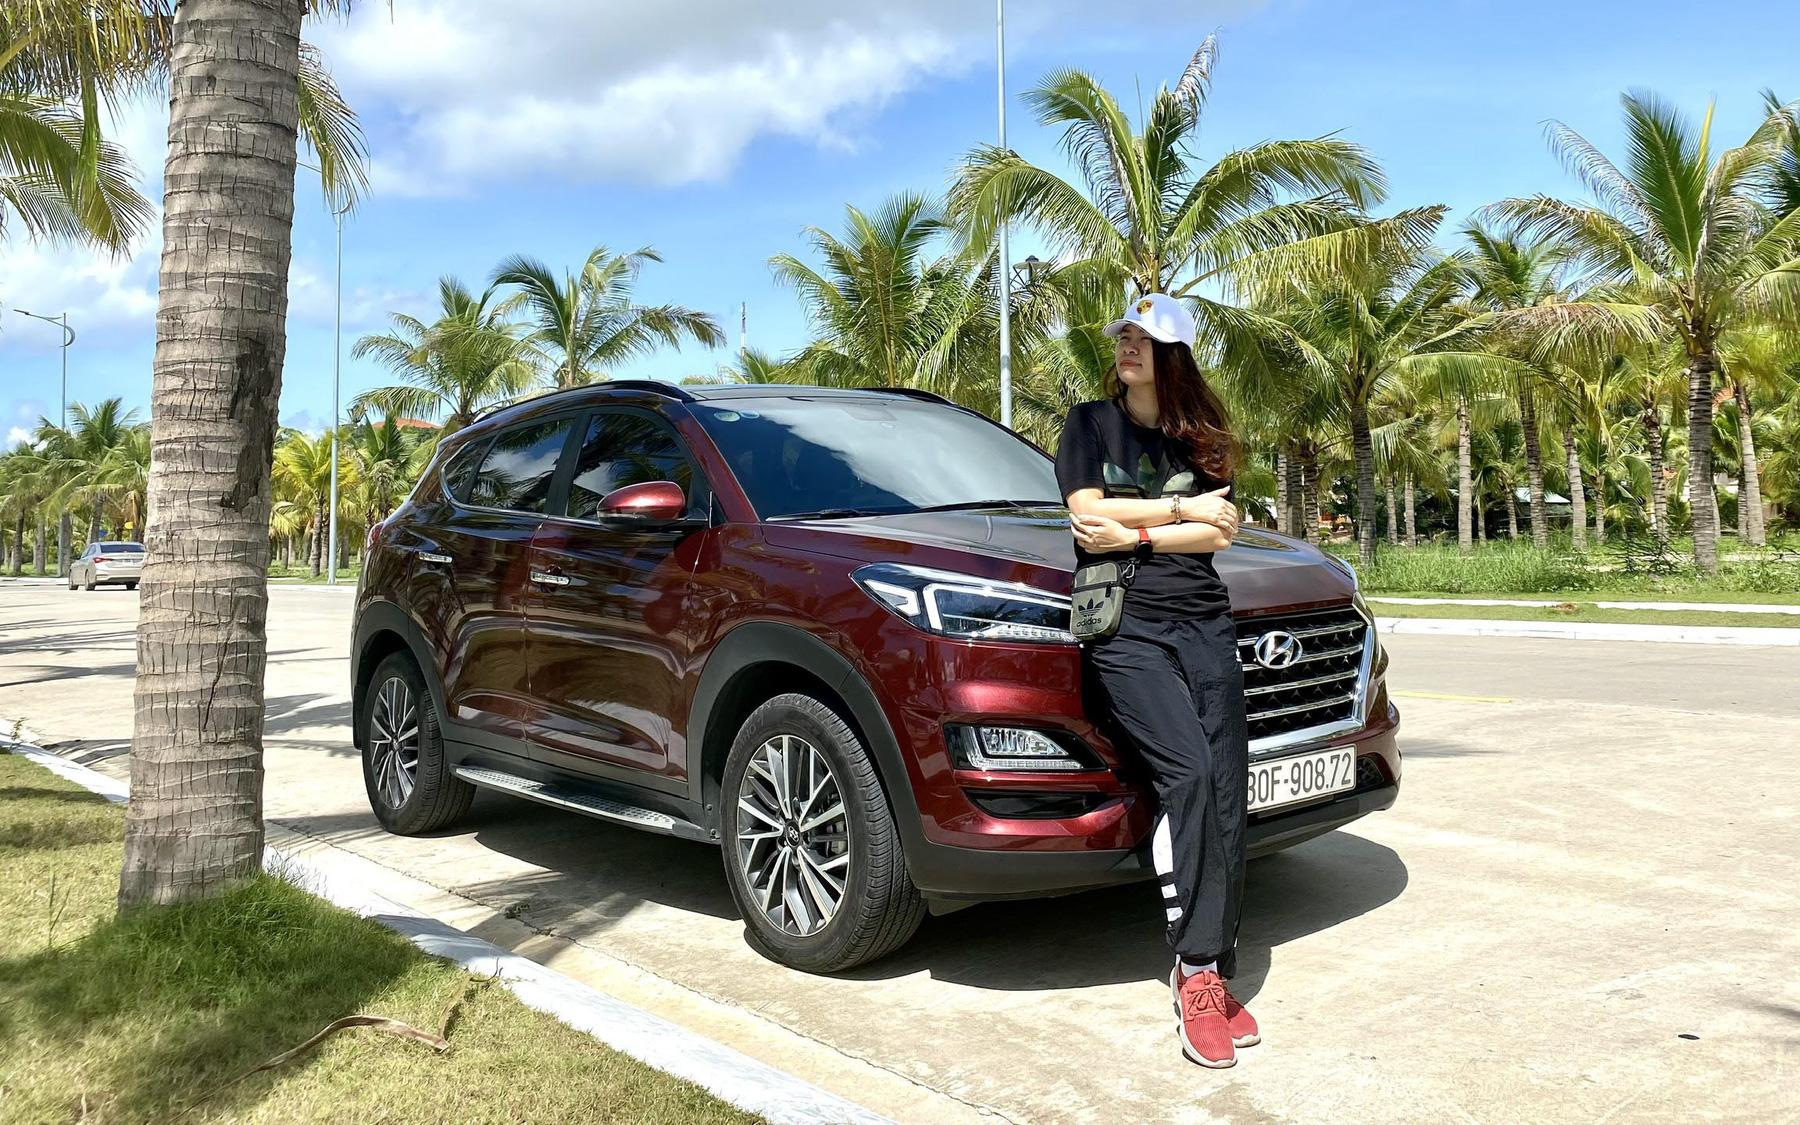 Nữ chủ xe Hyundai Tucson đánh giá thẳng thật sau hơn 1 năm sử dụng